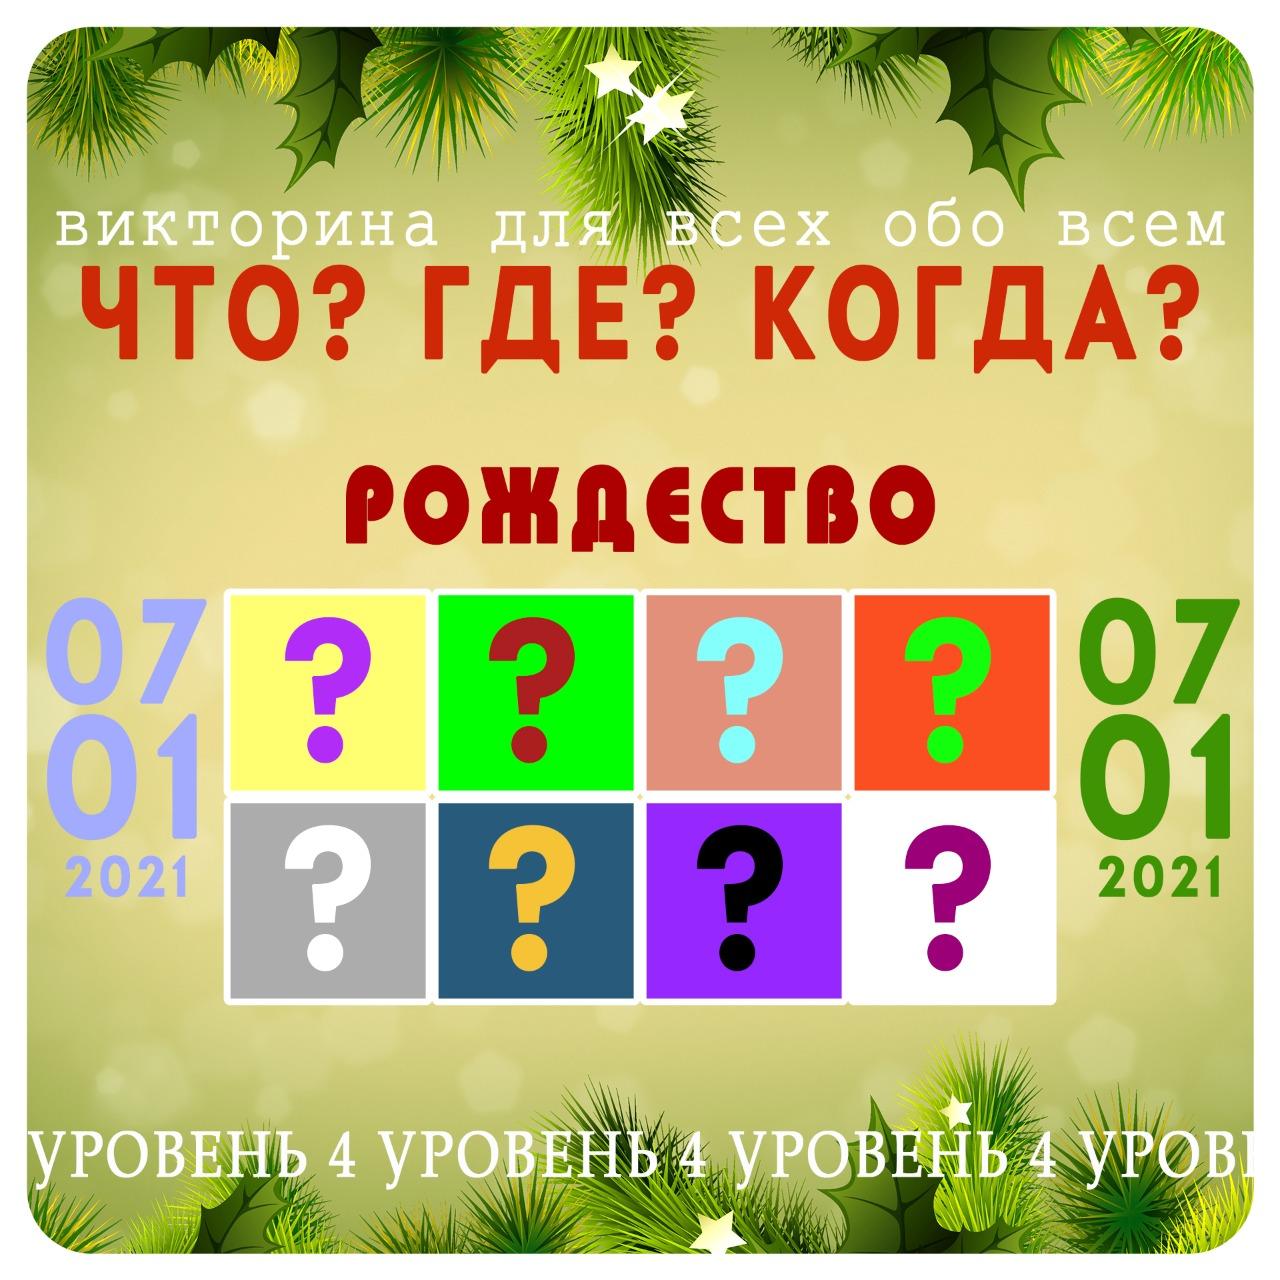 Рождественская викторина «Что? Где? Когда?»